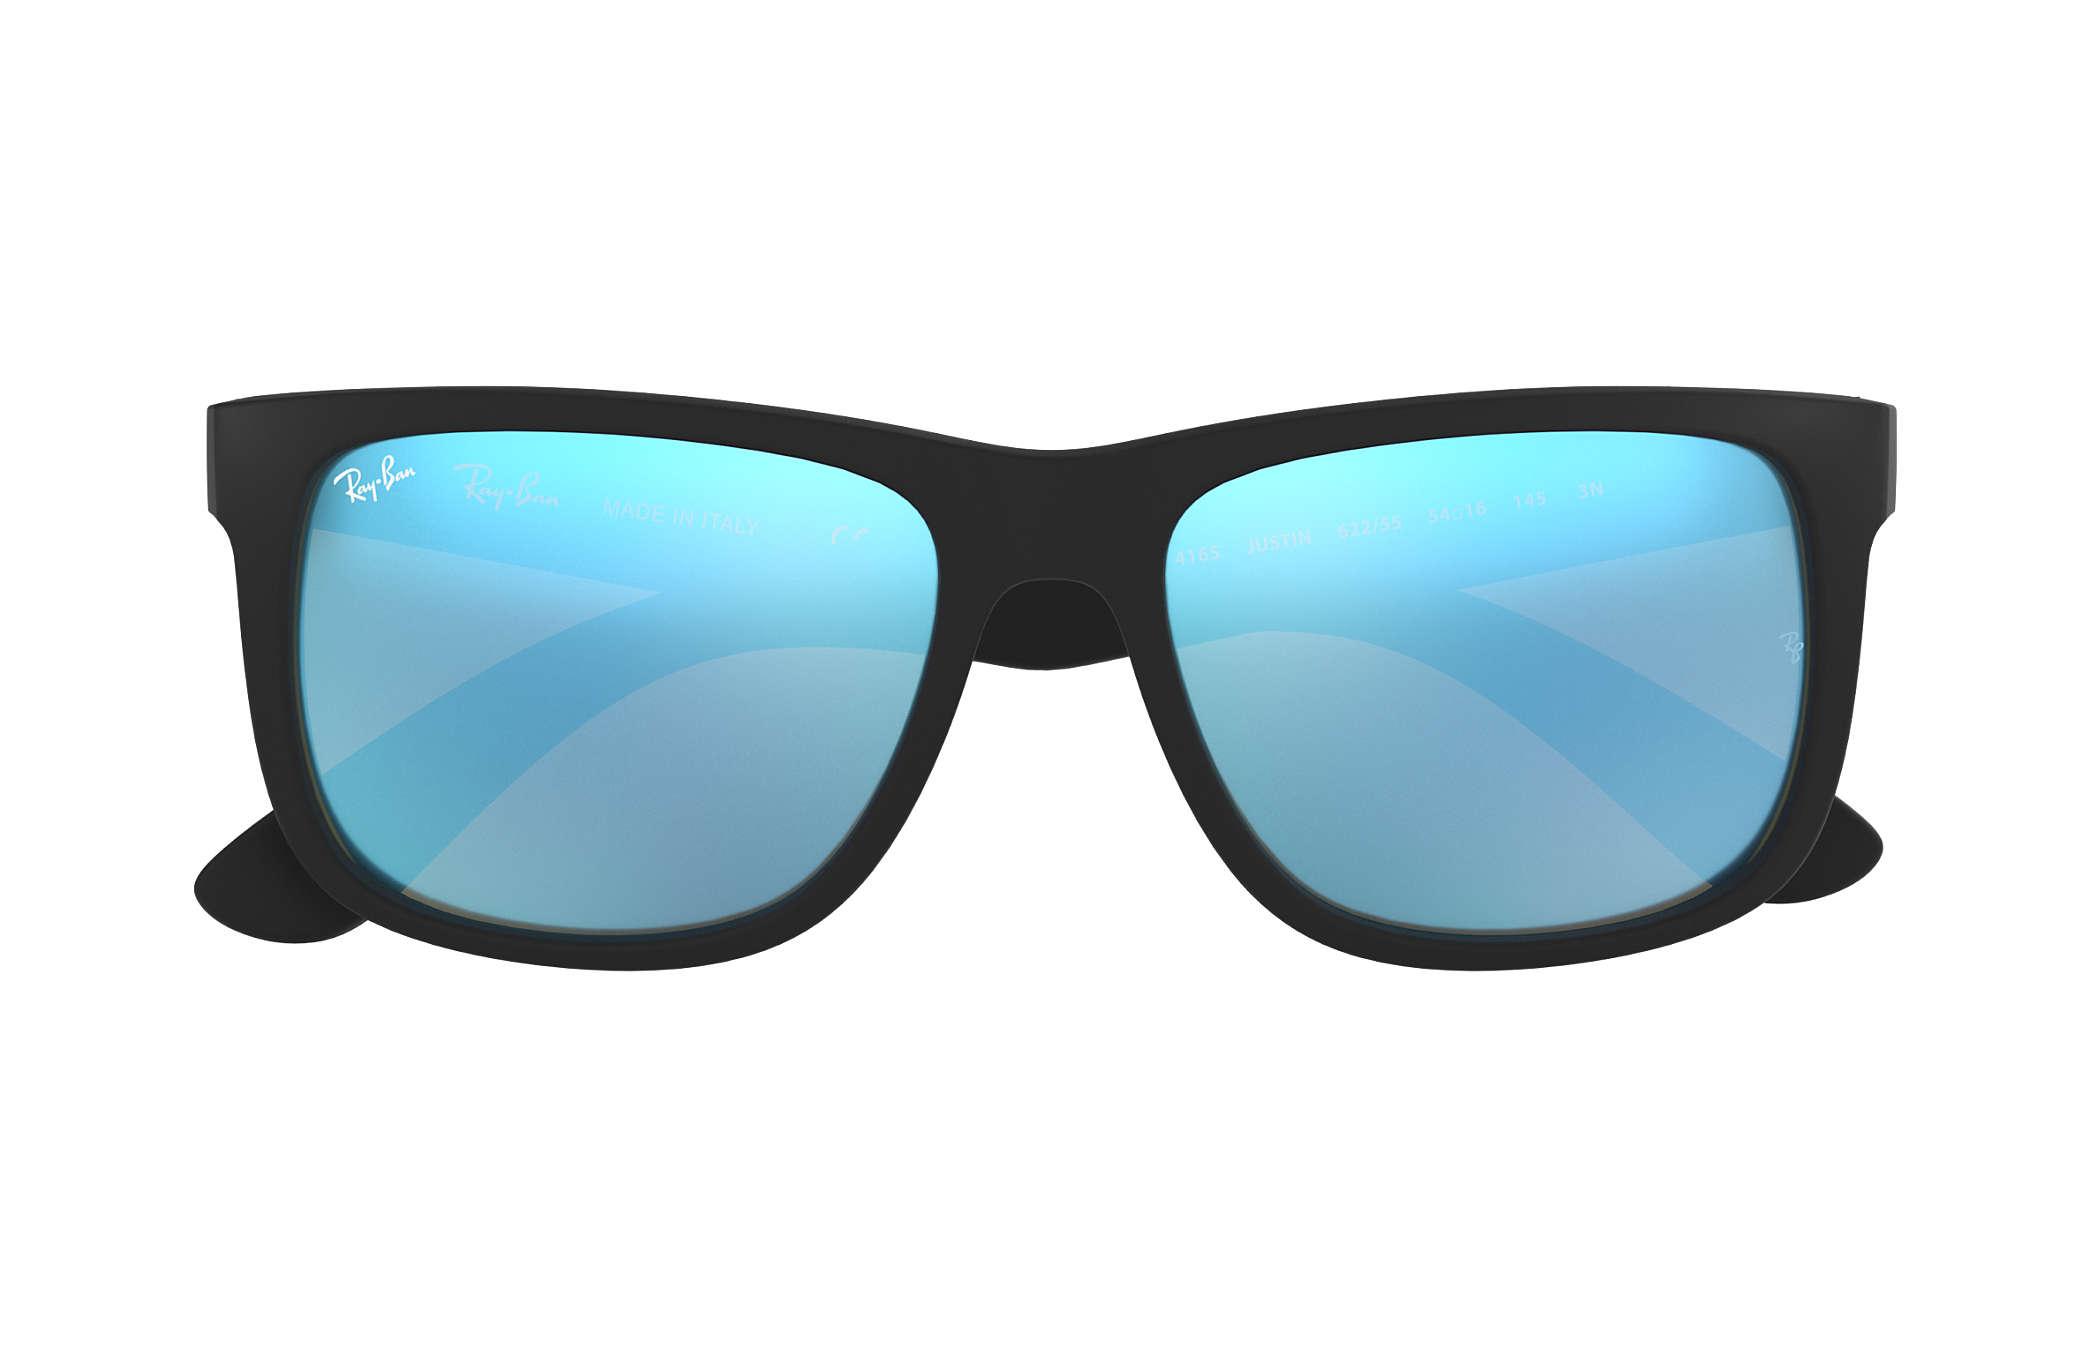 df8e65efd81 Ray-Ban Justin Color Mix RB4165 Black - Nylon - Blue Lenses ...